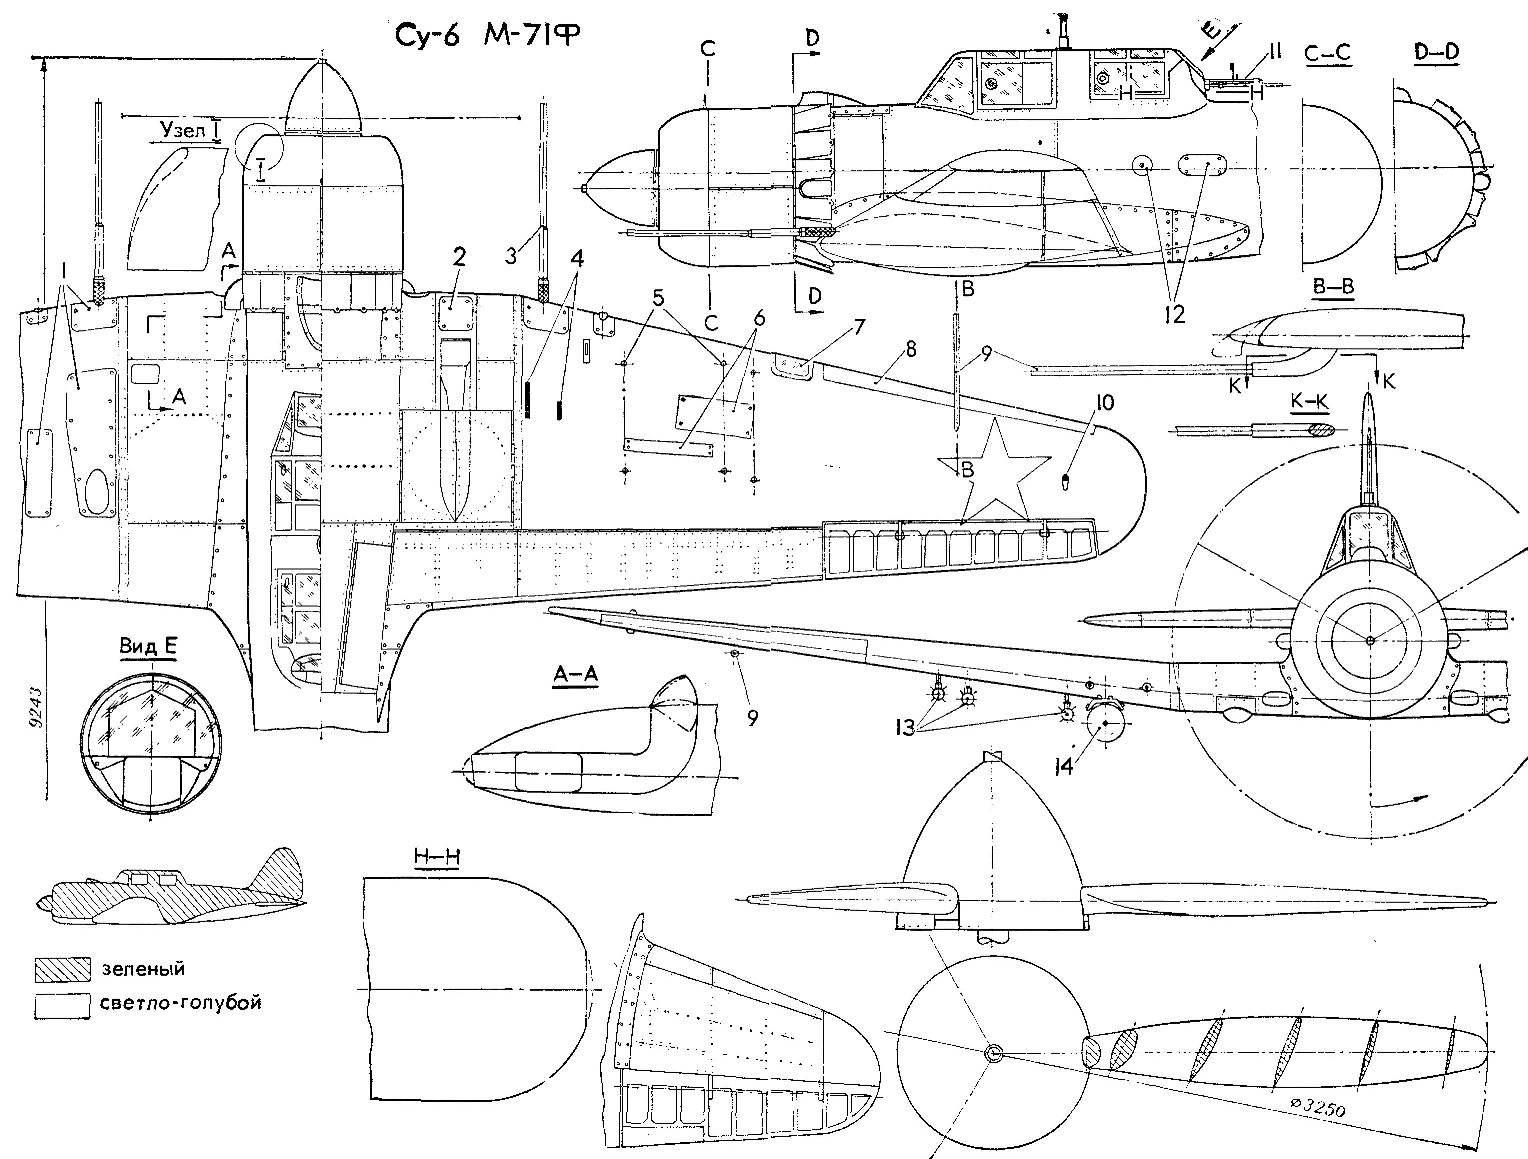 Су-6 М-17Ф